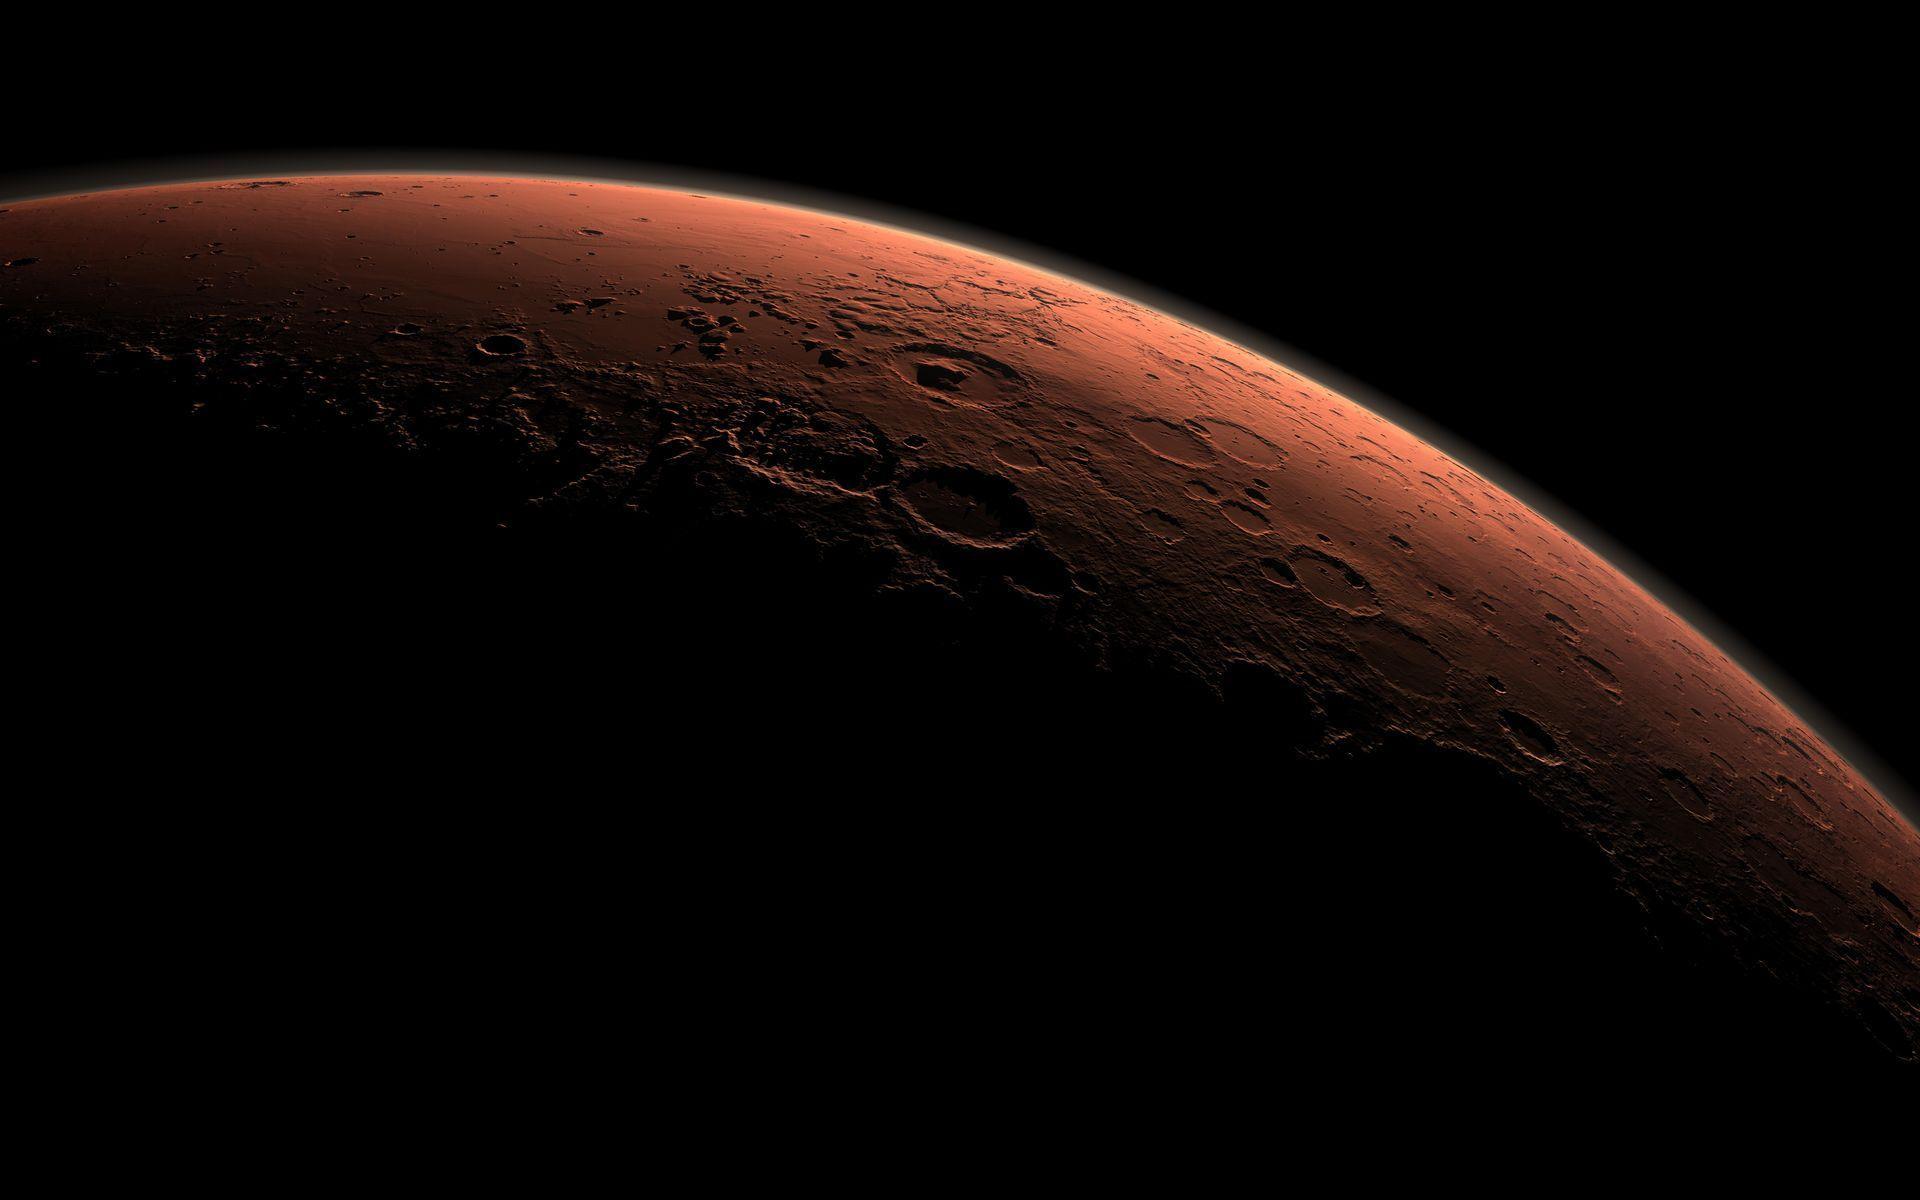 Nasa Mars Wallpapers Top Free Nasa Mars Backgrounds